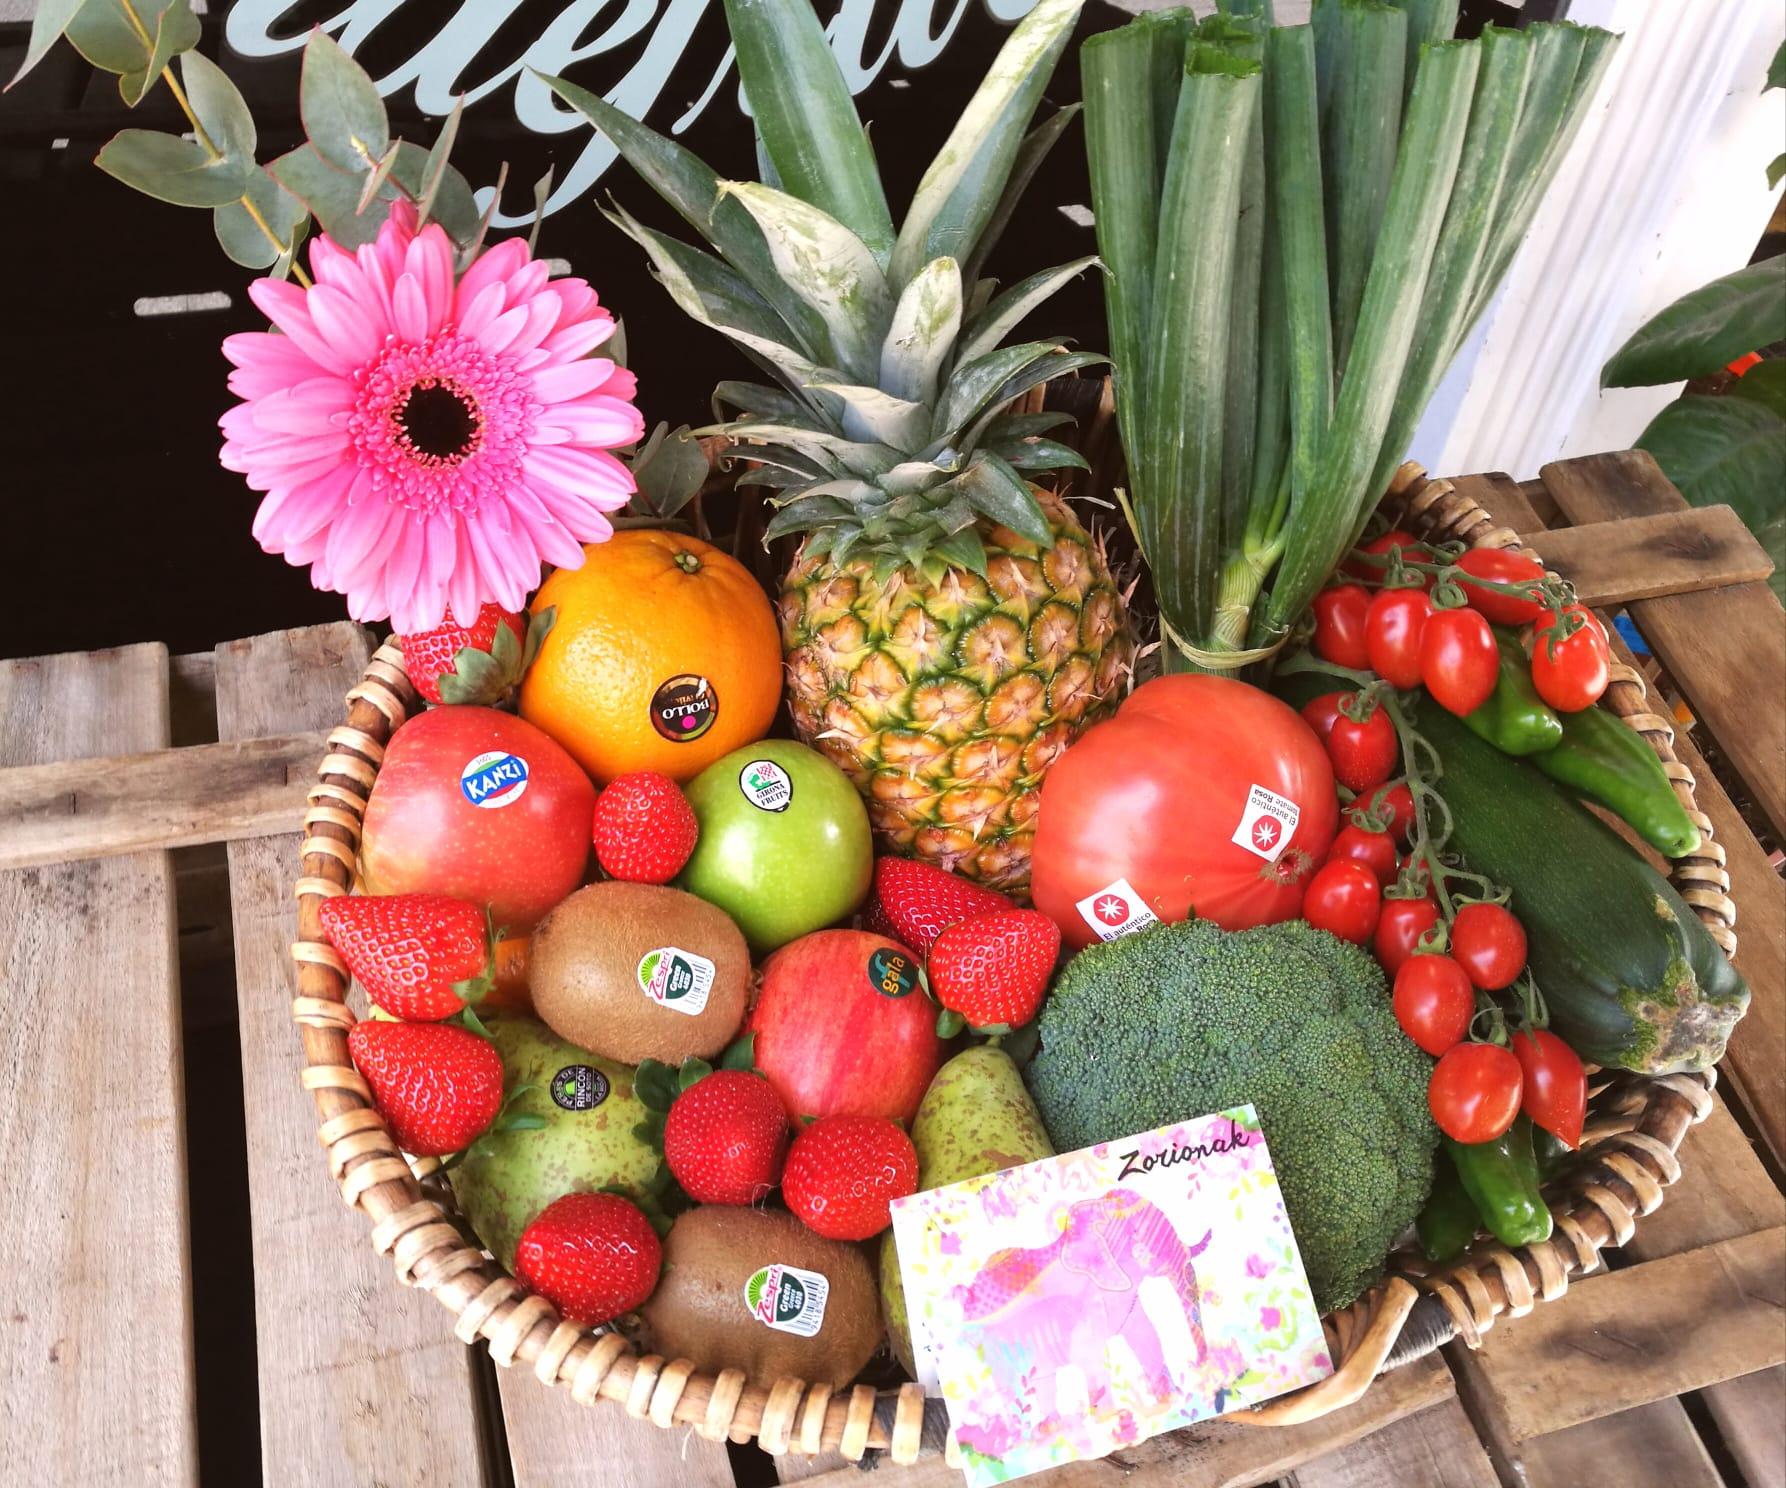 proveedores de fruta bizkaia